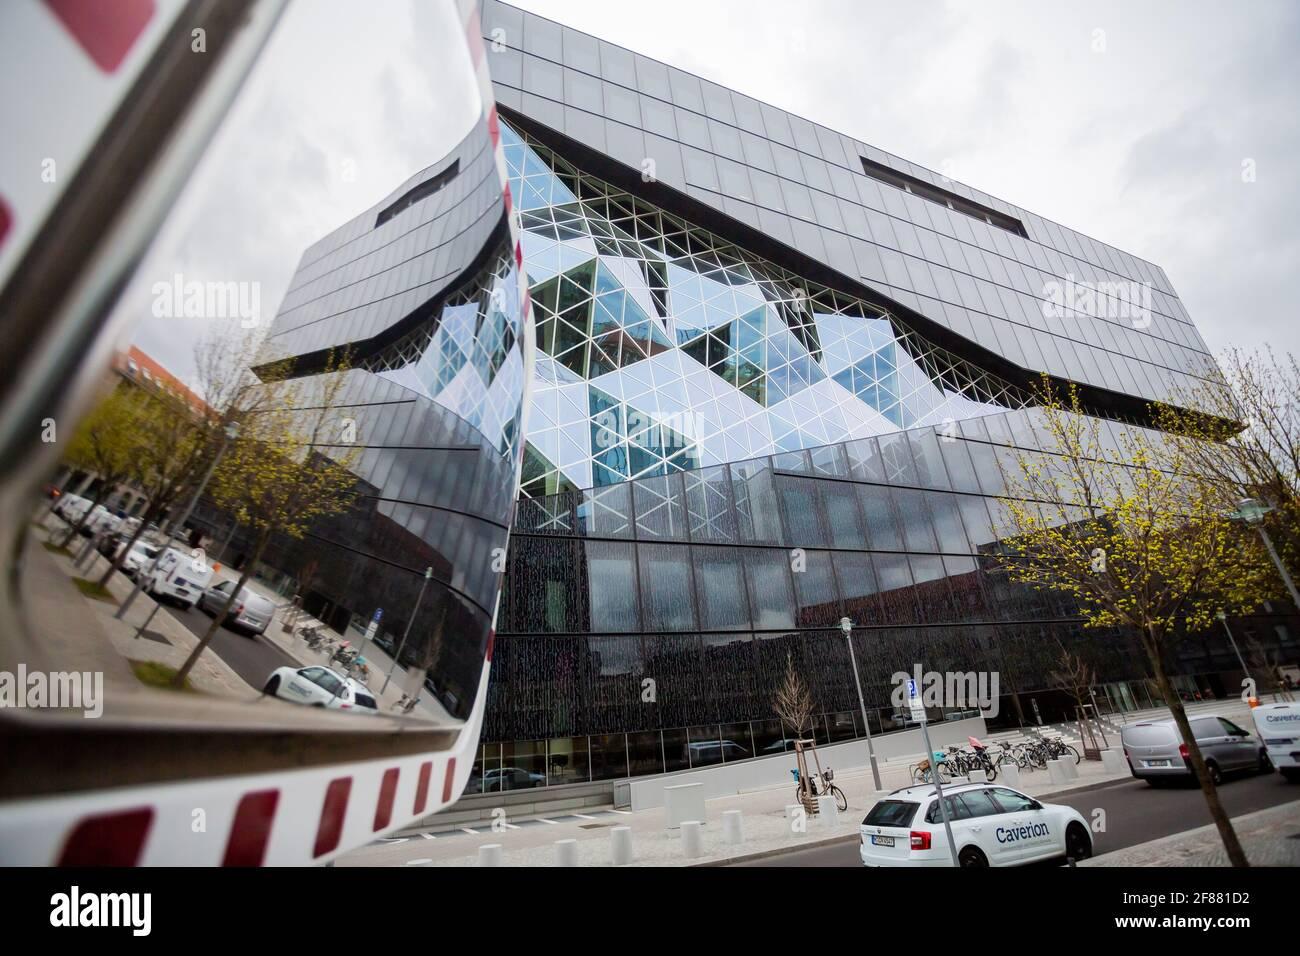 Berlino, Germania. 12 Aprile 2021. Il nuovo edificio Axel Springer si riflette in uno specchio stradale. Credit: Christoph Soeder/dpa/Alamy Live News Foto Stock